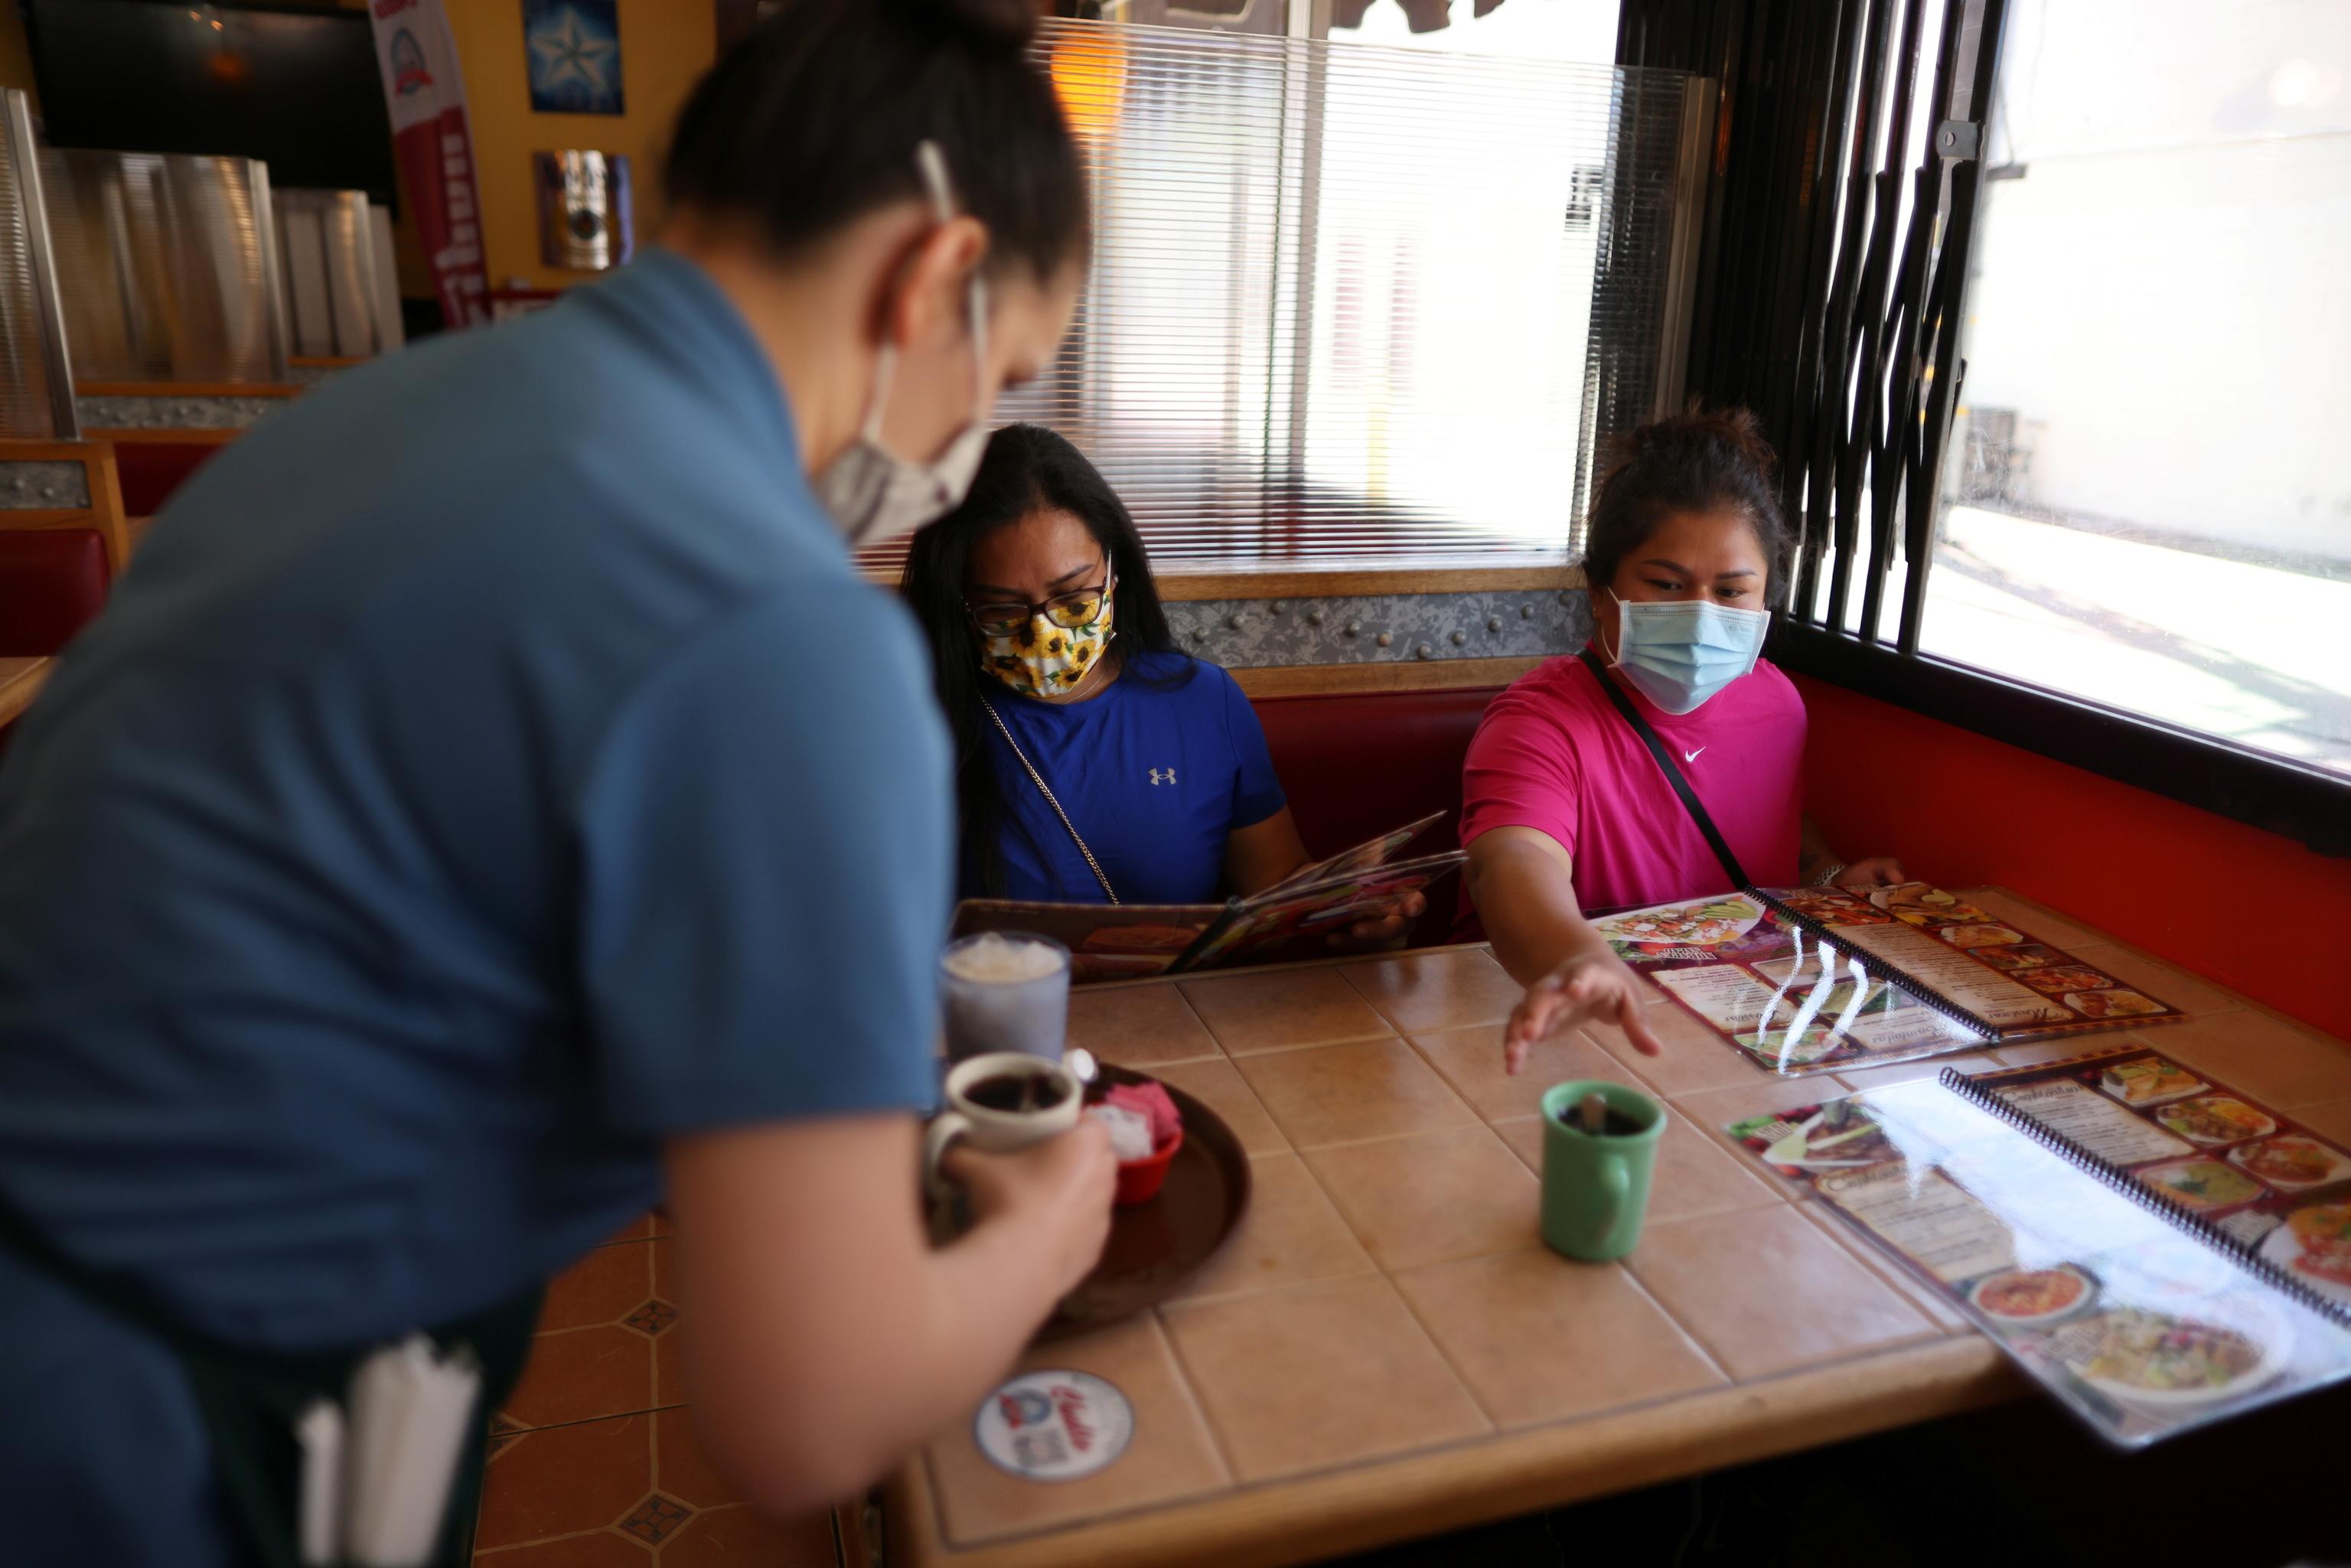 Unas mujeres llevan mascarilla en un restaurante mexicano en Los Ángeles (EEUU).